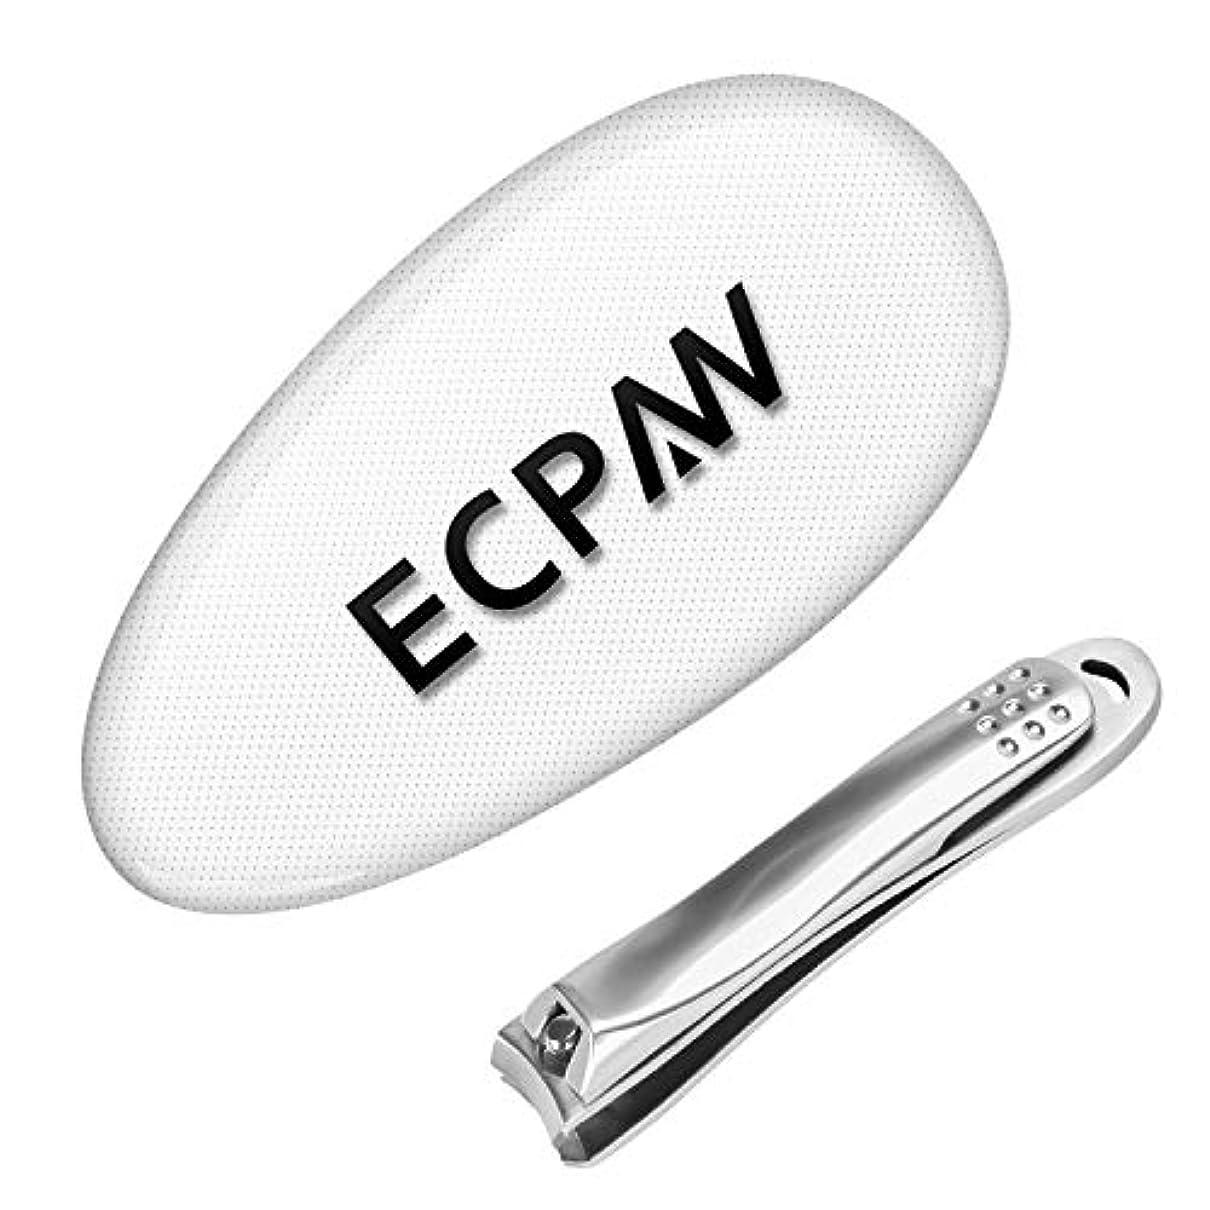 クリーク比喩待つECPAW ガラス製 かかと削り かかとやすり かかと磨き 角質除去 足 角質ケア ヤスリ 足裏 踵 フットケア 丸洗いOK 爪切り付き